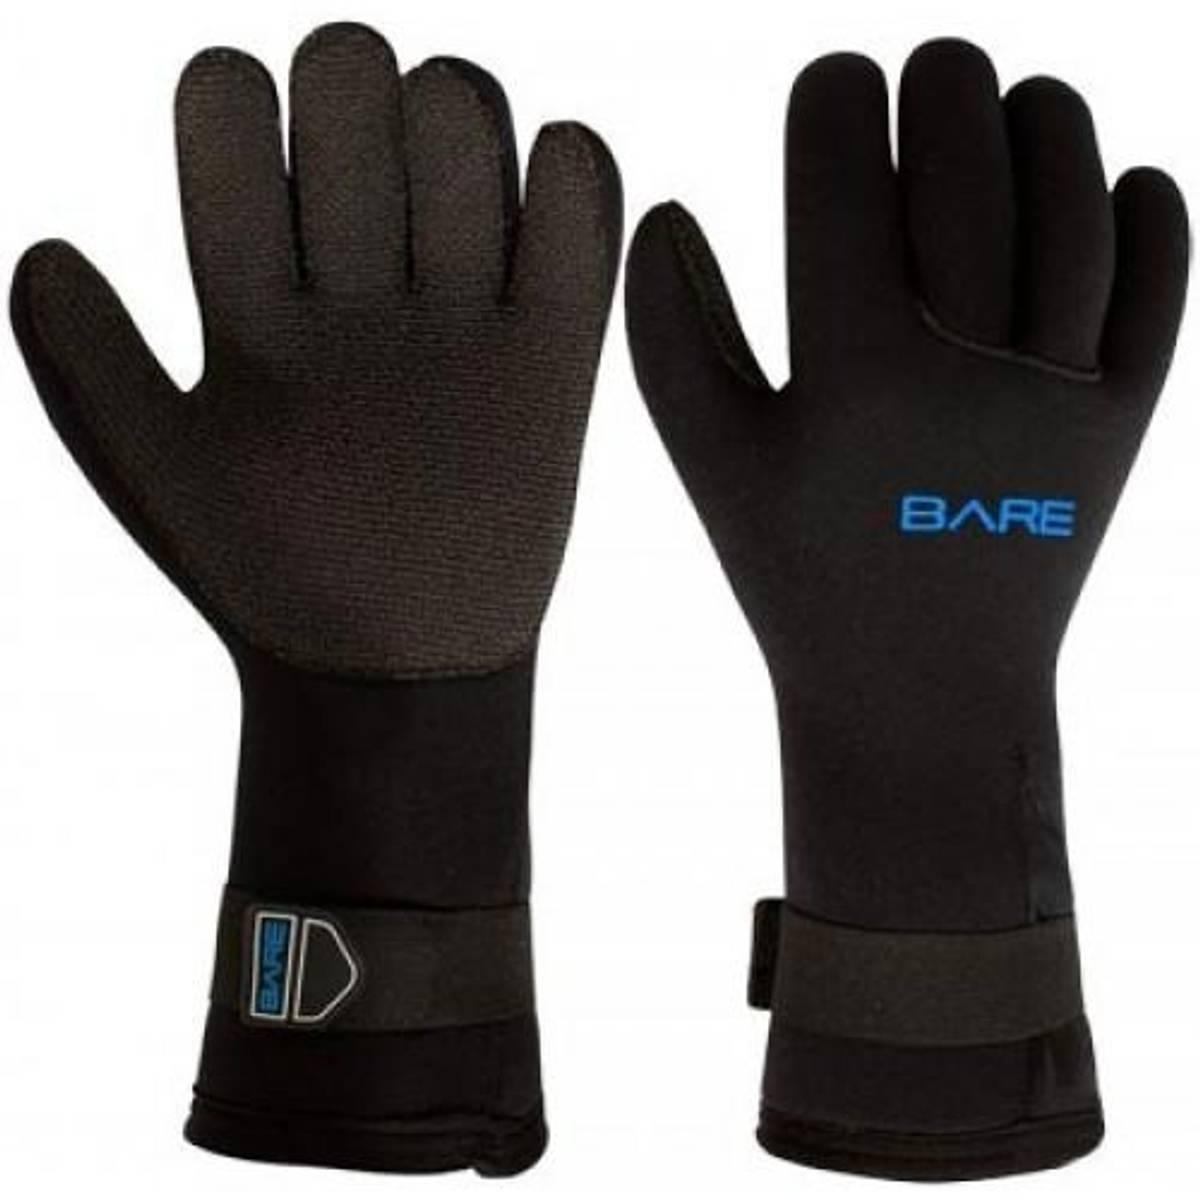 BARE 5mm K-palm Gauntlet hanske